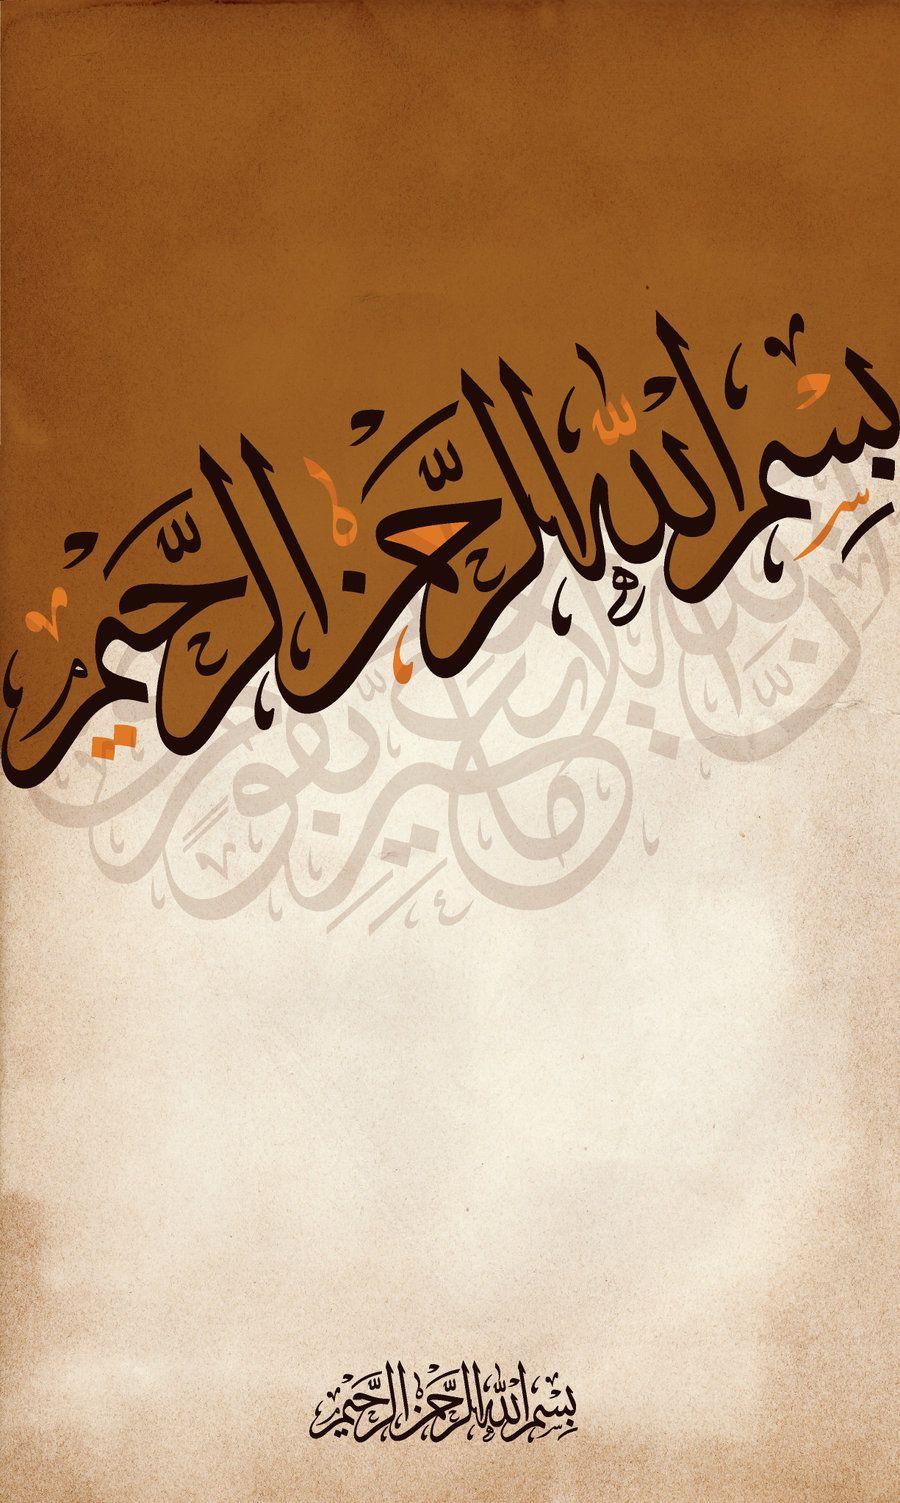 الخط العربي Beautyartislam بسم الله الرحمن الرحيم In The Islamic Calligraphy Islamic Calligraphy Painting Islamic Art Calligraphy